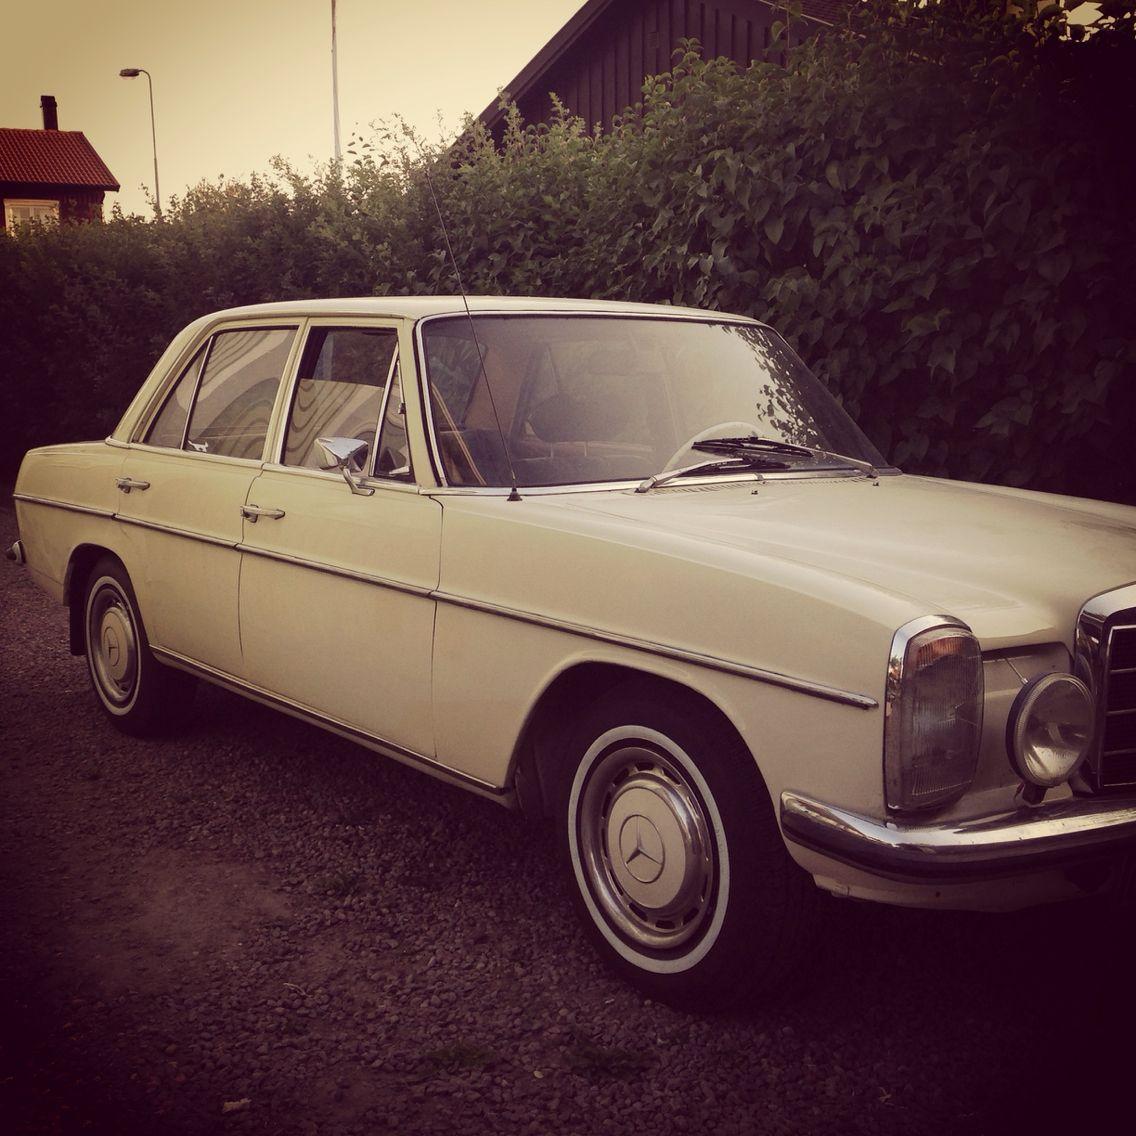 tal till pappa 70 år Min MB Compakt (Mercedes 220D  68). Pappa ägde en likadan på 70  tal till pappa 70 år